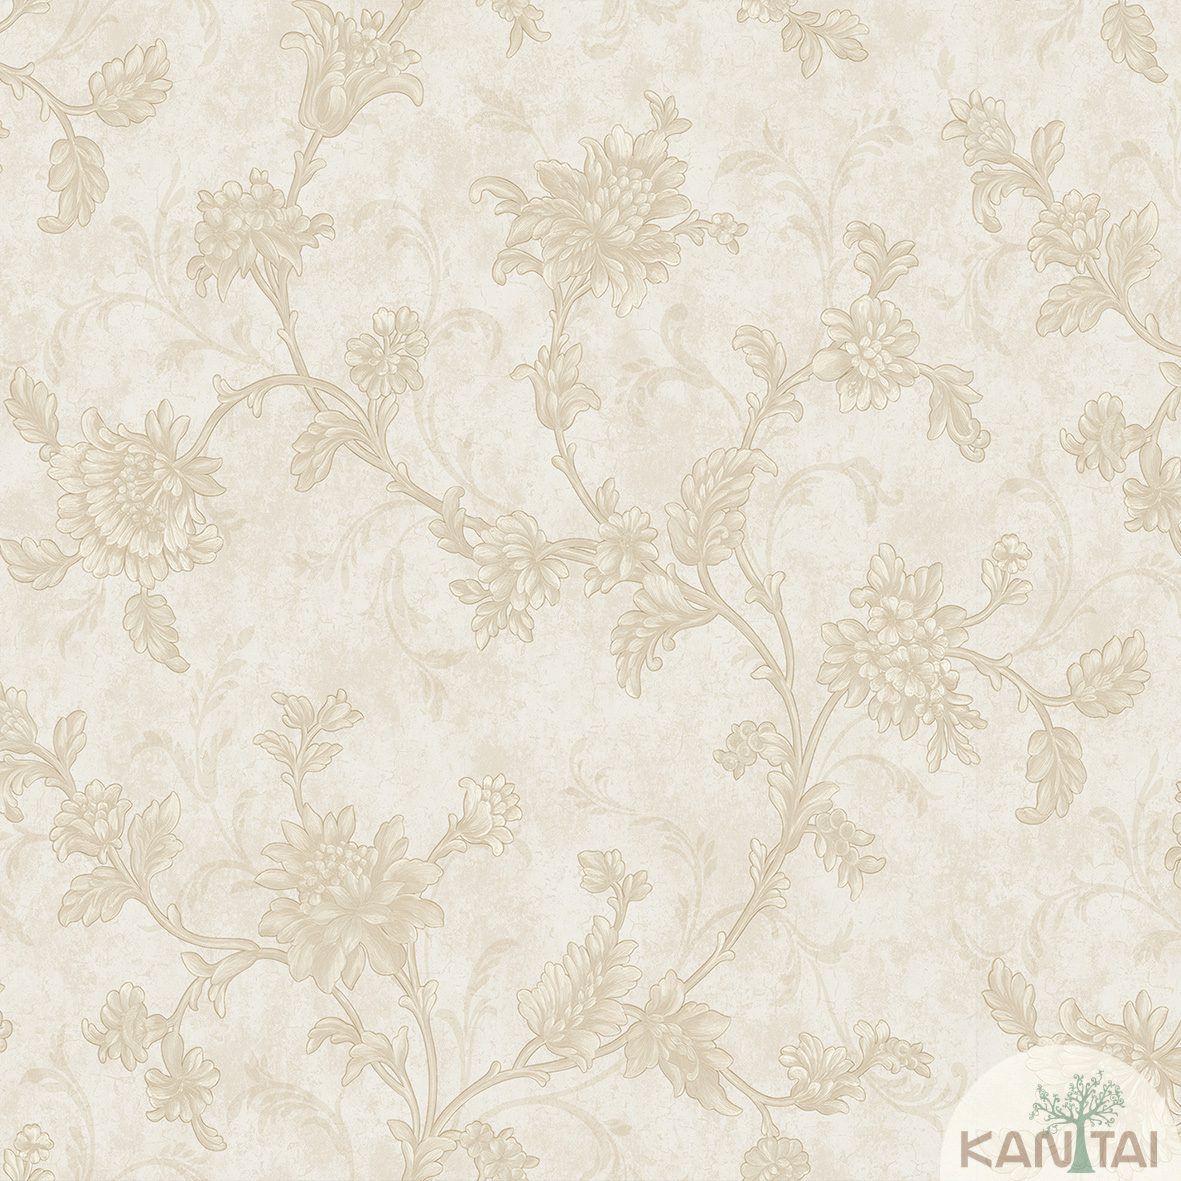 Papel de Parede Kan Tai TNT Coleção Flora 2 Arabesco Floral Bege, Dourado, Baixo relevo